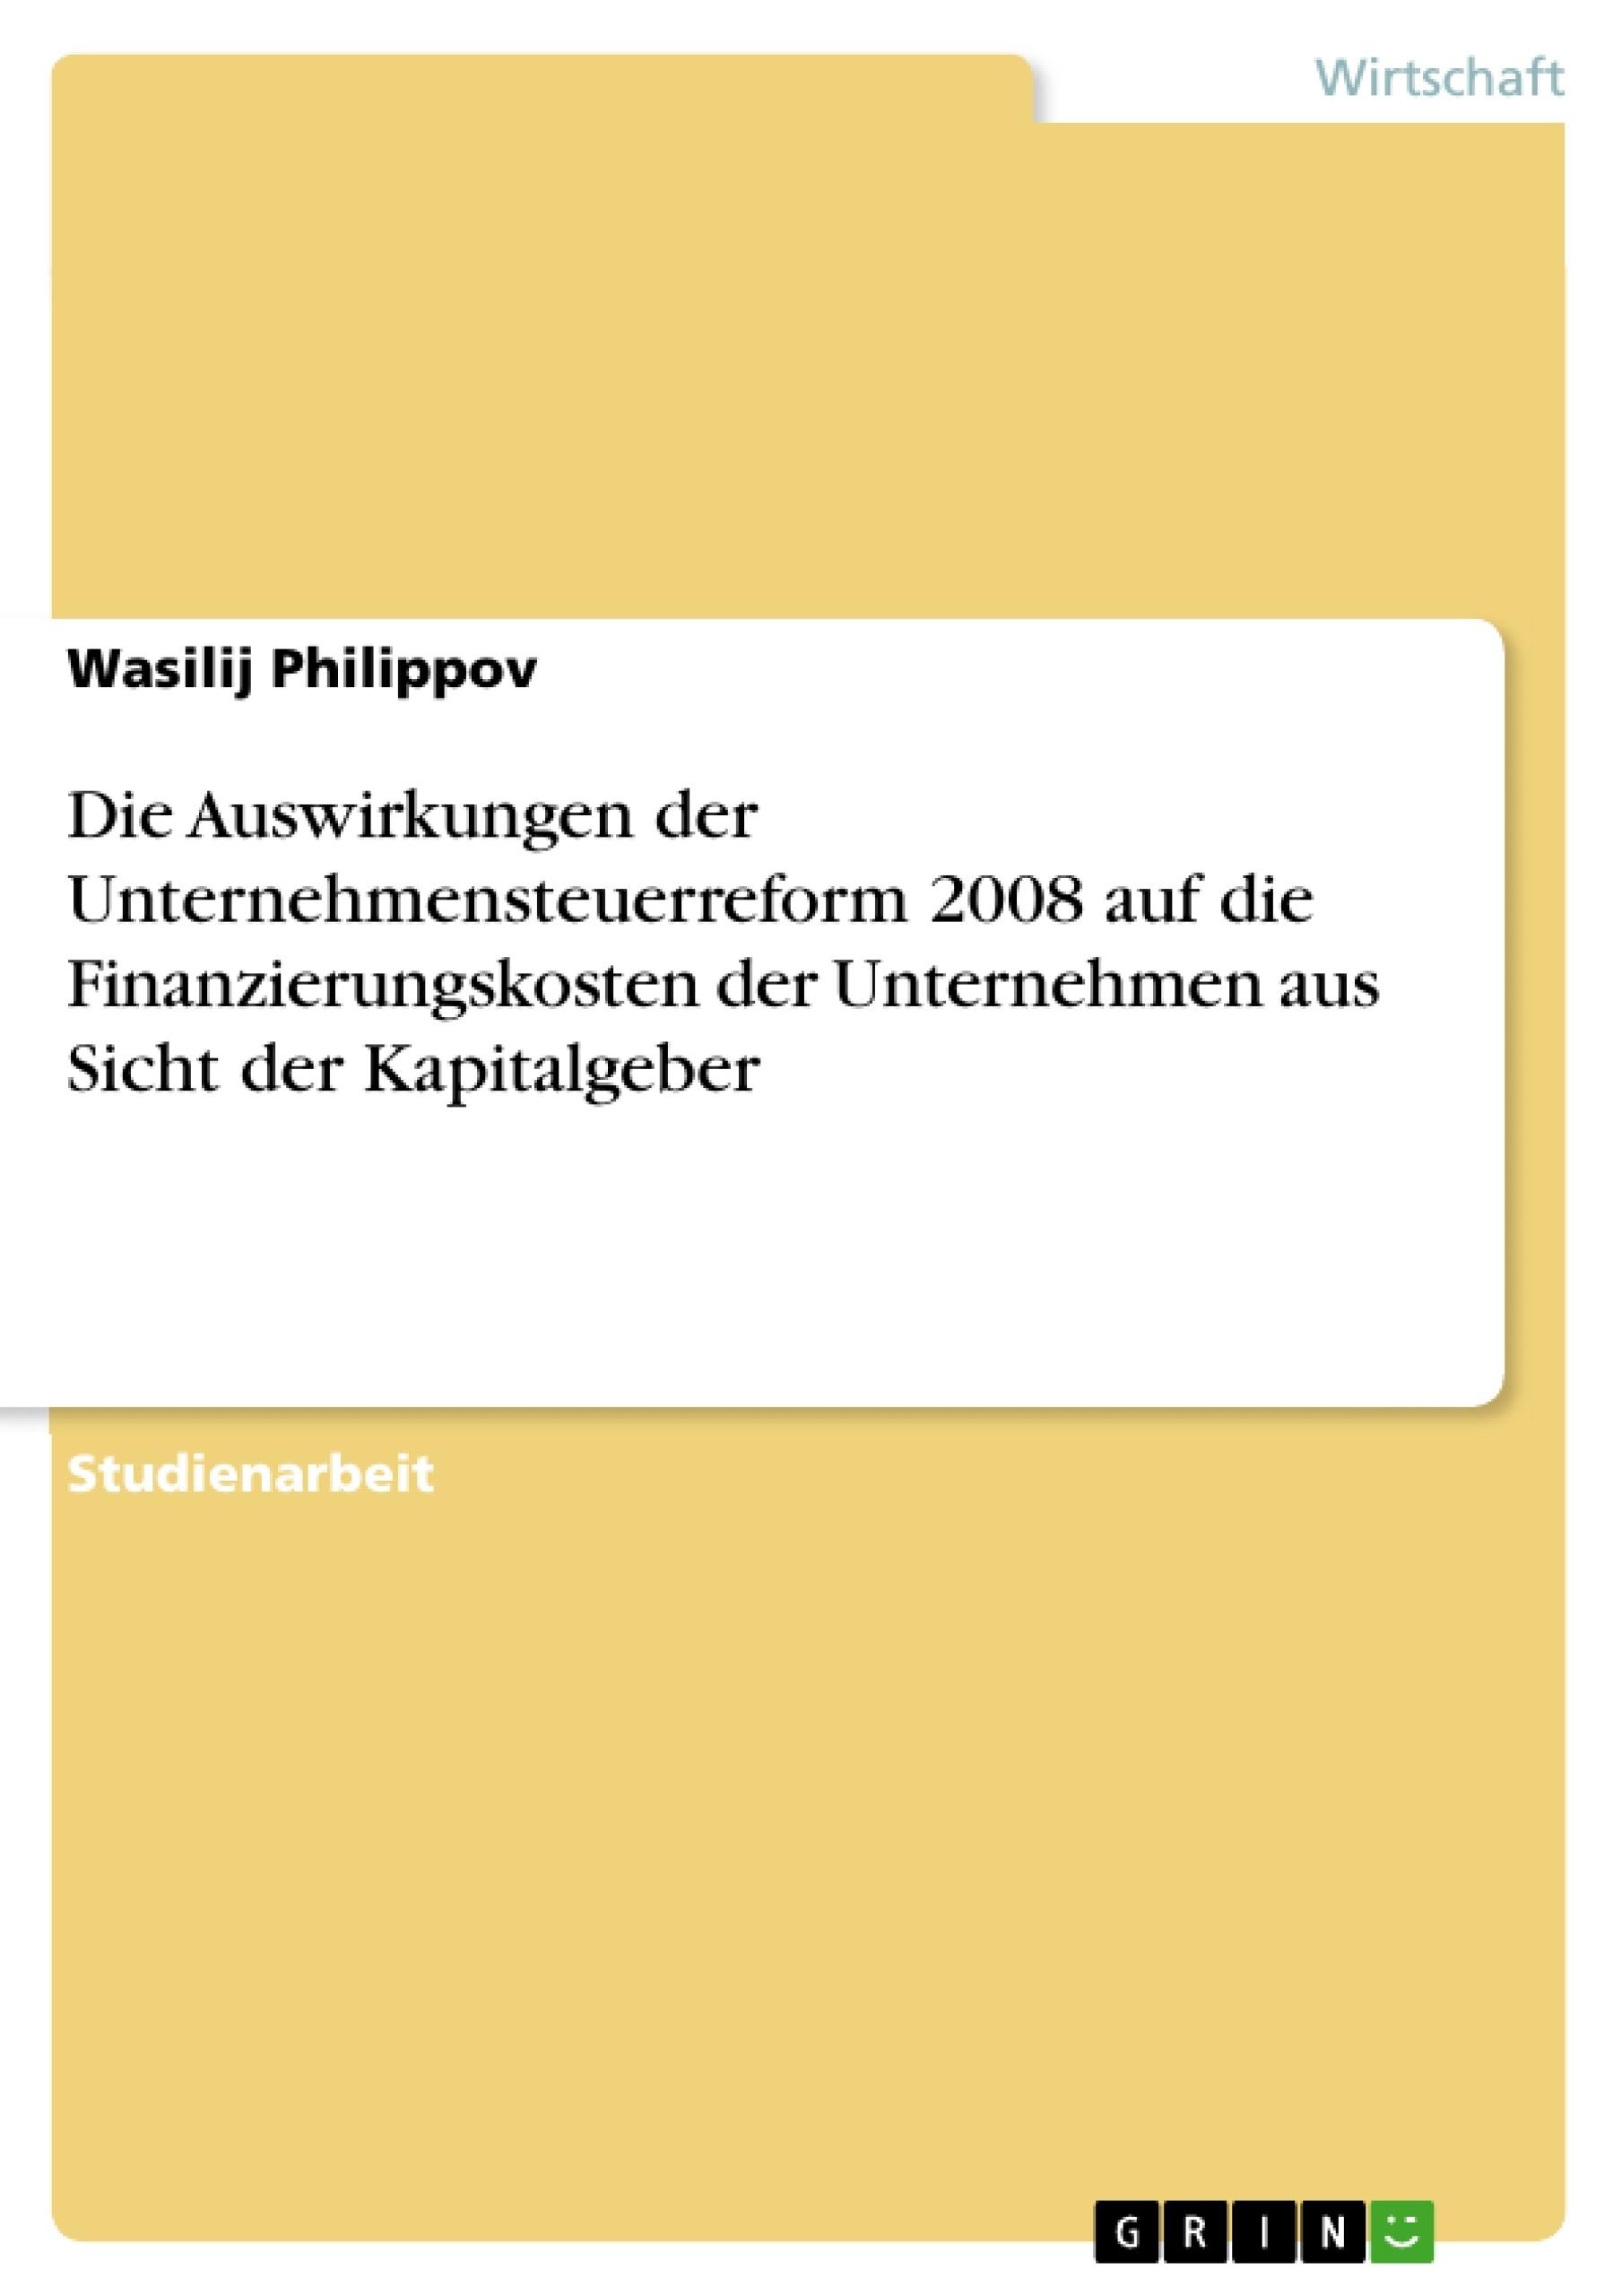 Titel: Die Auswirkungen der Unternehmensteuerreform 2008 auf die Finanzierungskosten der Unternehmen aus Sicht der Kapitalgeber